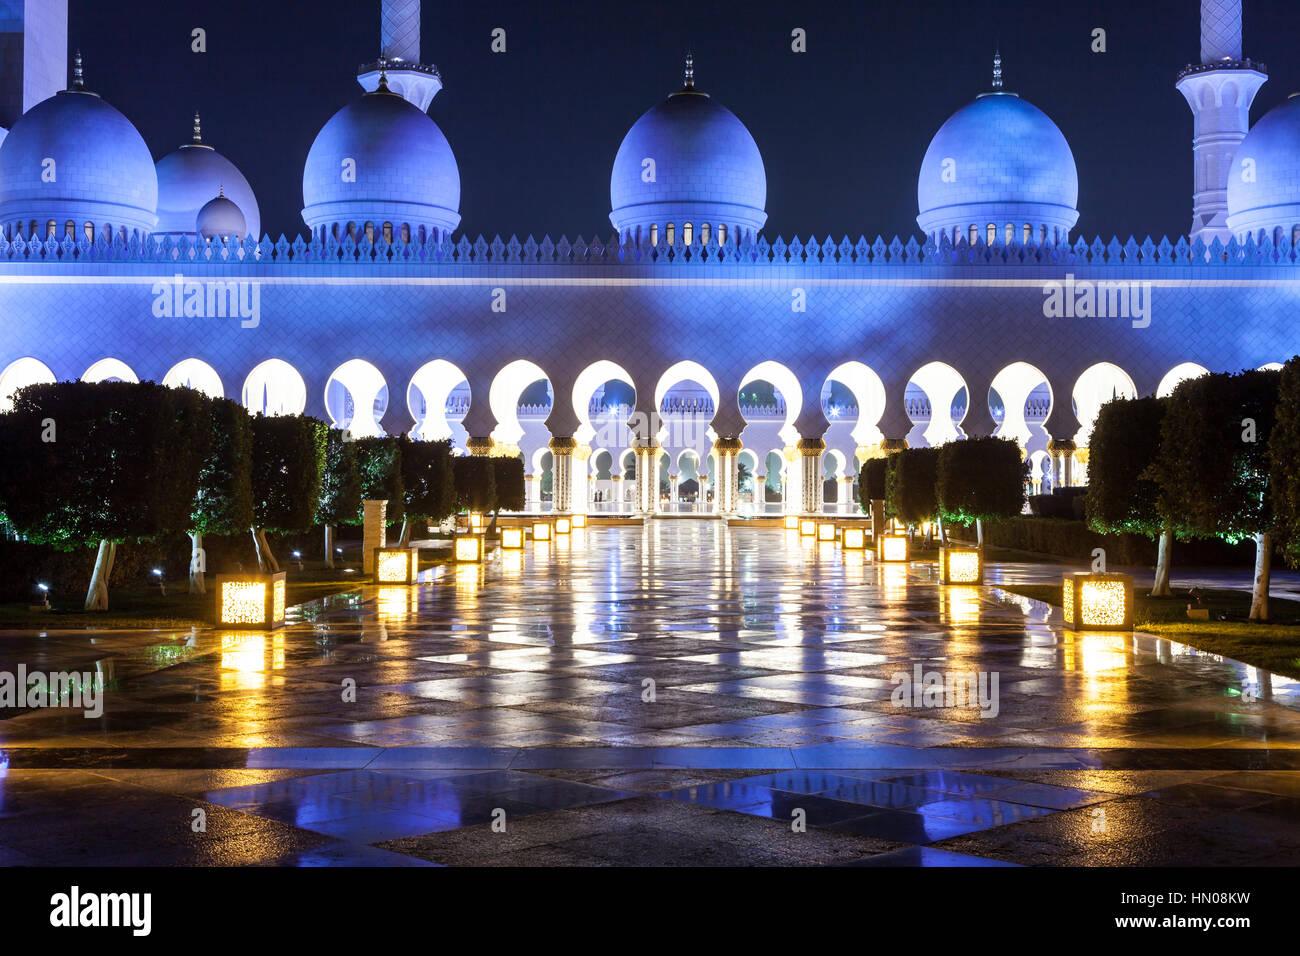 La Grande Mosquée Sheikh Zayed est éclairée la nuit. Abu Dhabi, Emirats Arabes Unis, Moyen Orient Photo Stock